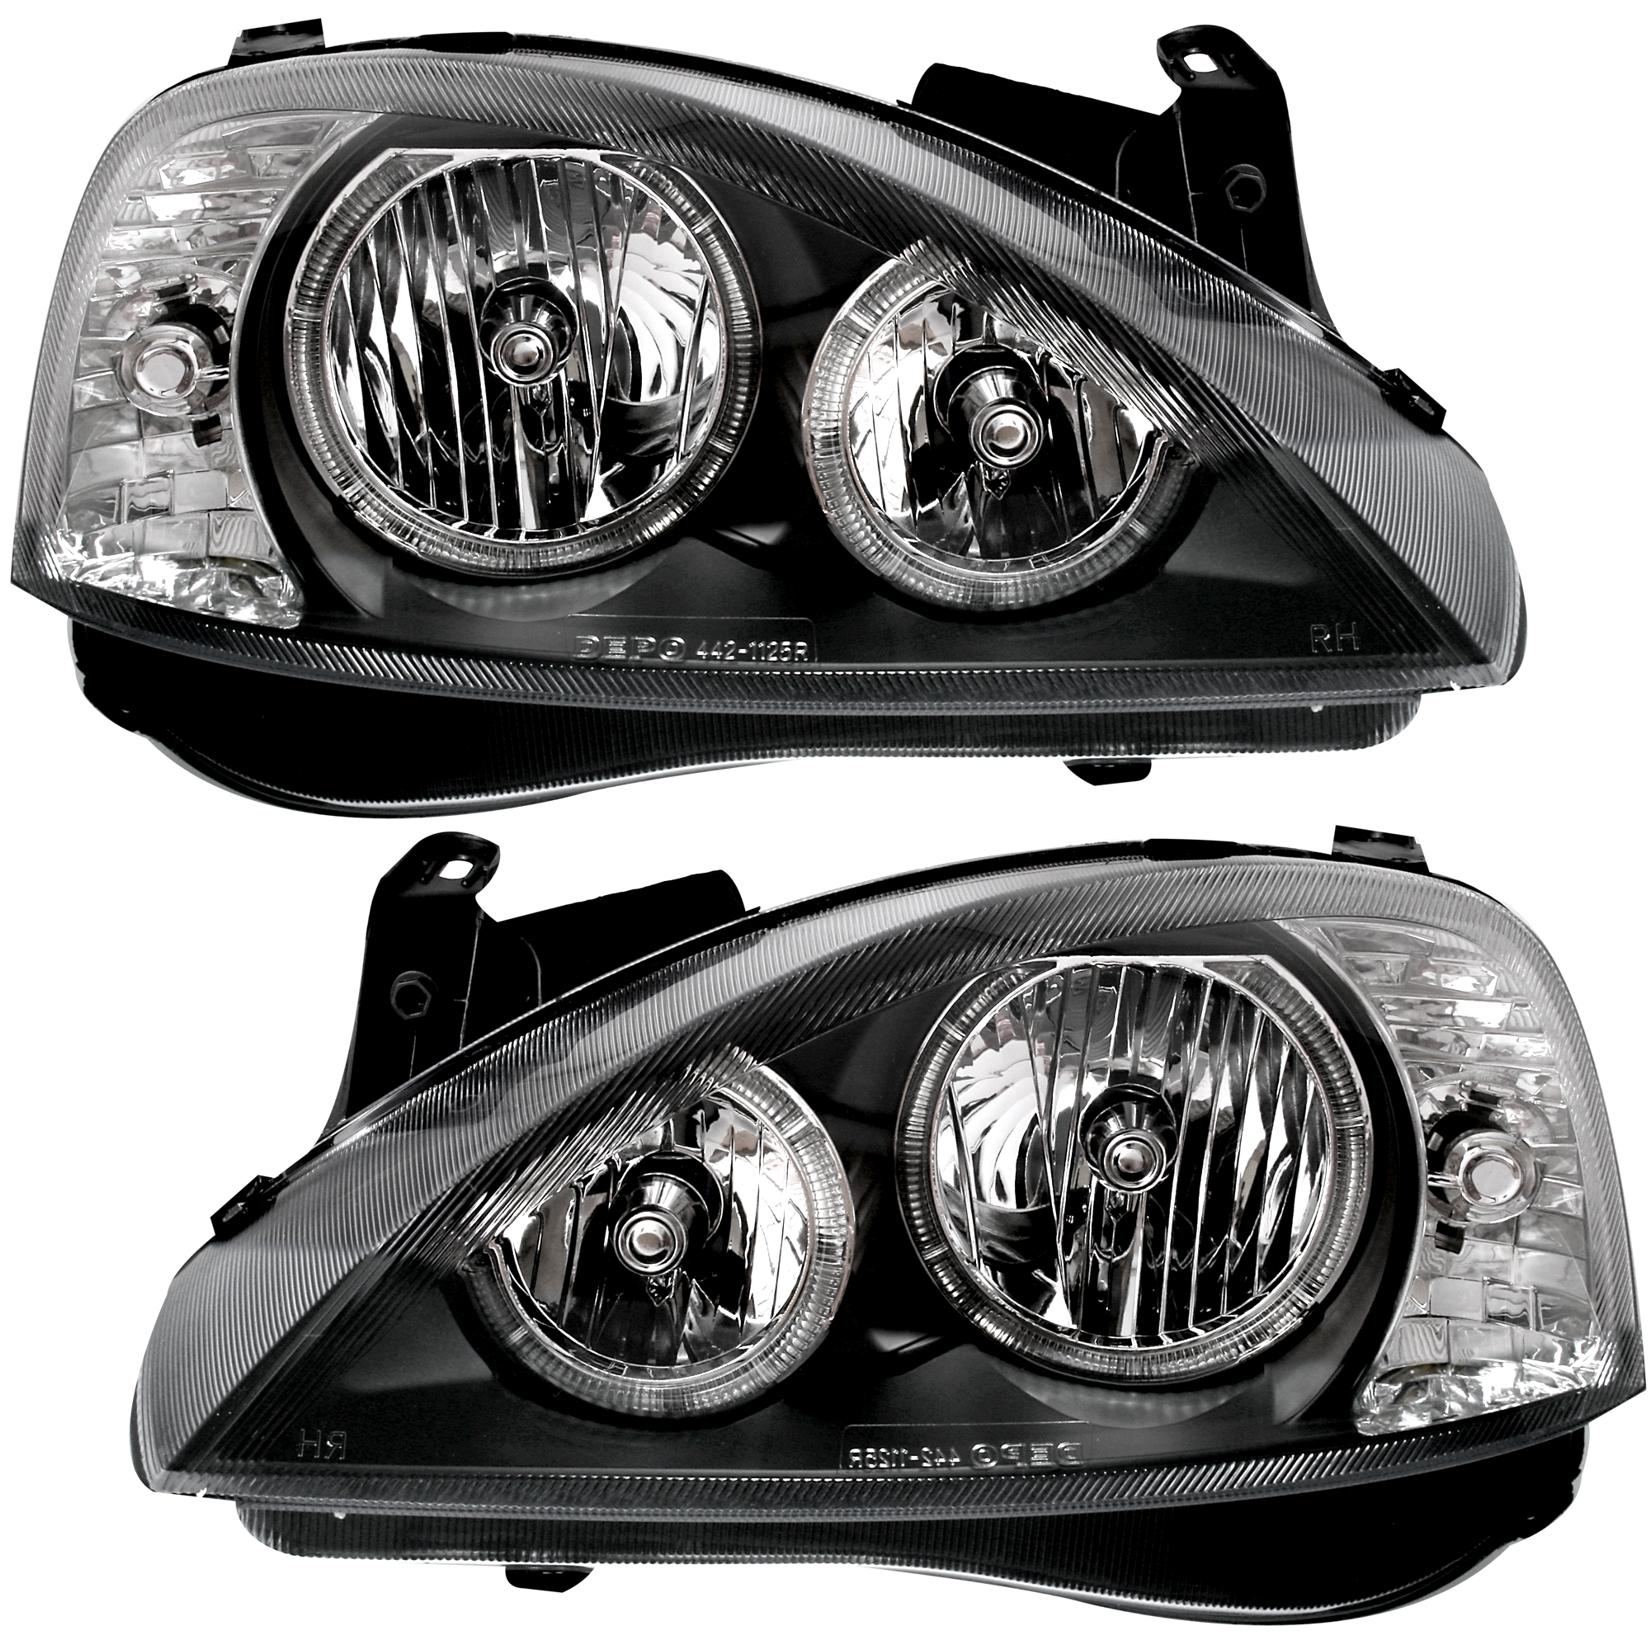 Angel Eyes Scheinwerfer Opel Corsa C 00-06 in Schwarz H7 links rechts Klarglas